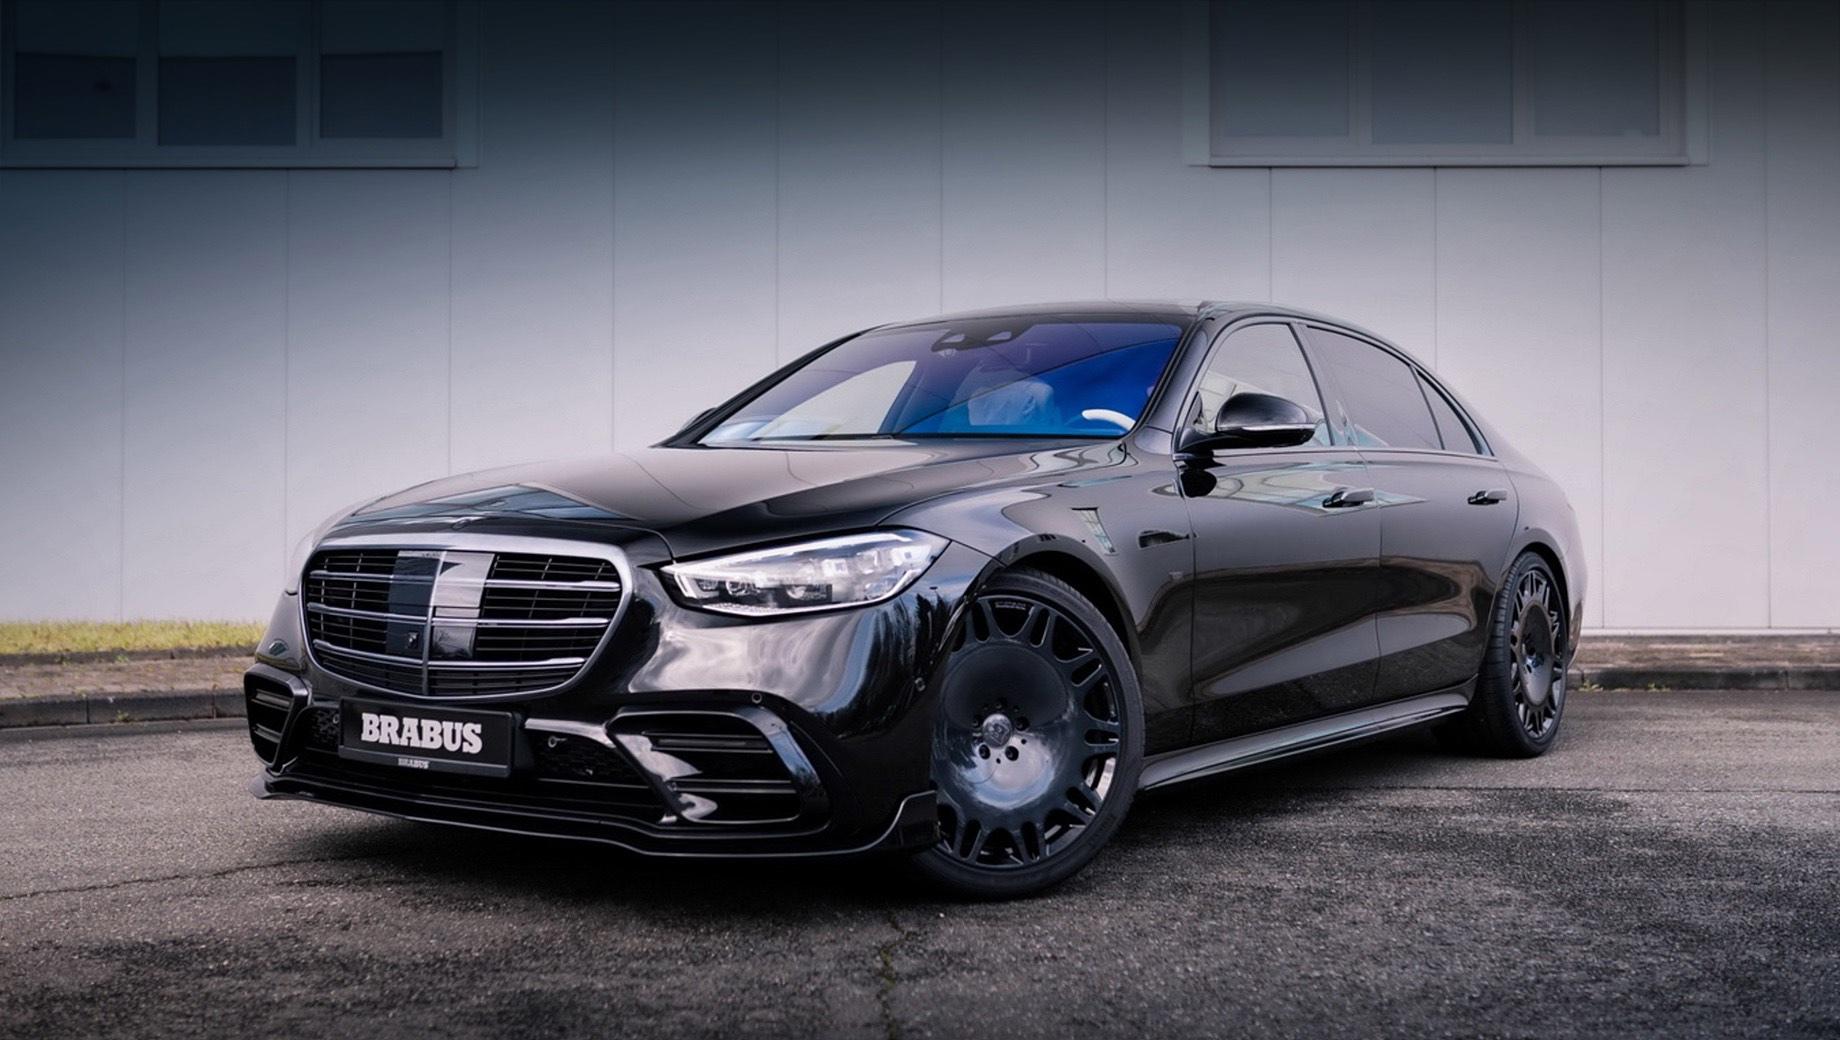 Mercedes brabus  s,Mercedes s. Для S-класса с пневмоподвеской Airmatic тюнинг-ателье предлагает модуль управления Brabus Airmatic Sports Unit, с которым дорожный просвет уменьшается на 25 мм.